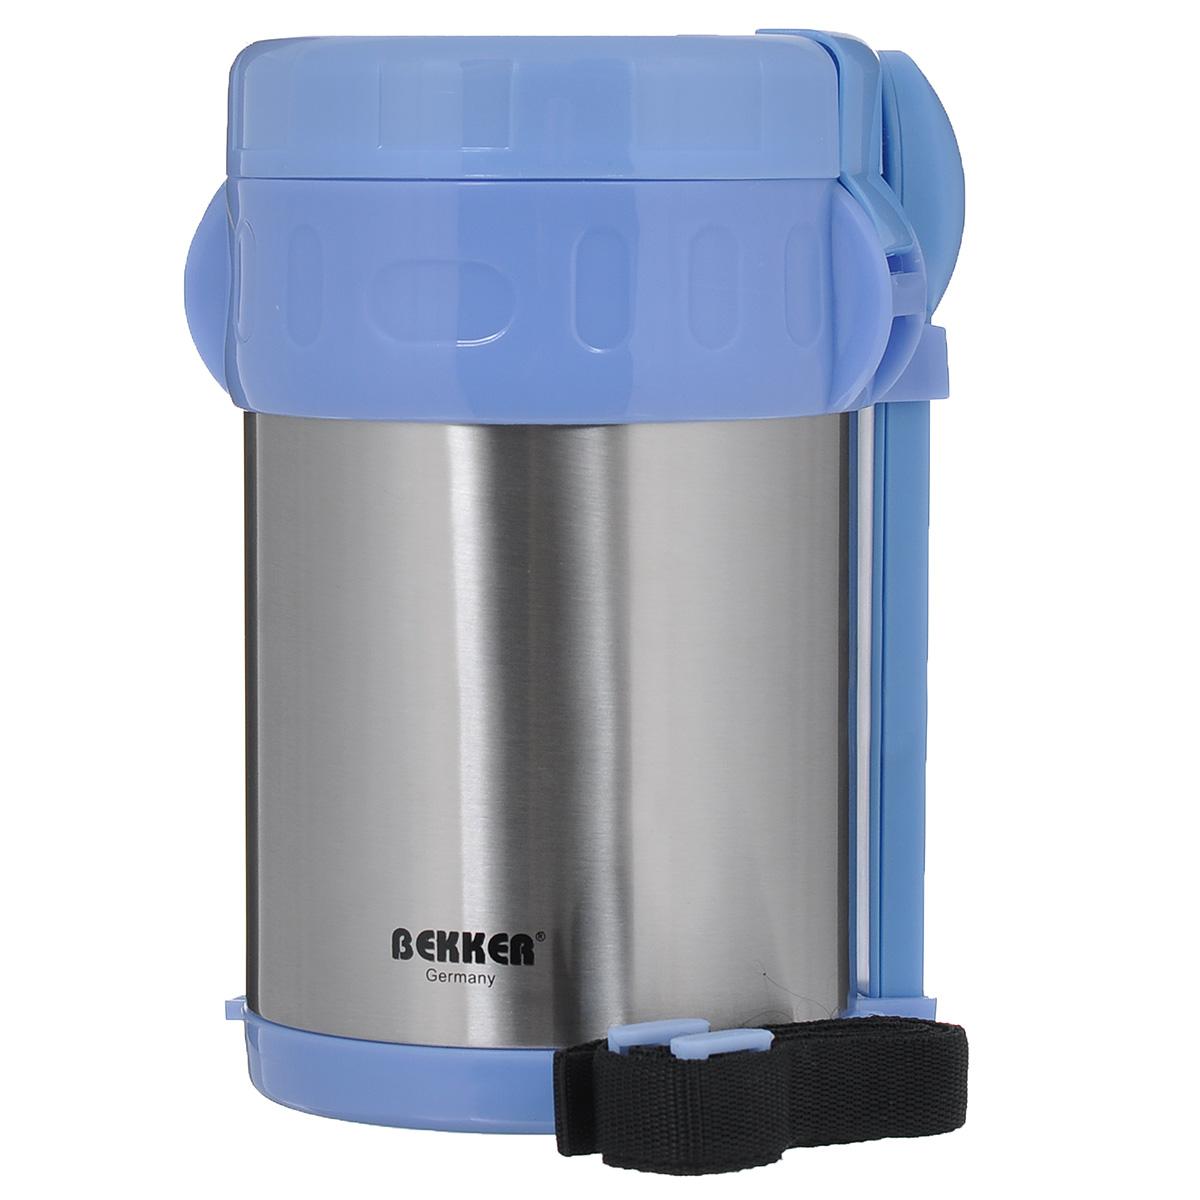 Термос Bekker Koch, с контейнерами, цвет: голубой, стальной, 2 л. BK-42115610Пищевой термос с широким горлом Bekker, изготовленный из высококачественной нержавеющей стали 18/8, прост в использовании и многофункционален. Изделие имеет двойные стенки, что позволяет пище долго оставаться горячей. Термос снабжен 3 пластиковыми контейнерами разного объема, а также металлической ложкой и вилкой в оригинальном чехле, который вставляется в специальную выемку сбоку термоса. Для удобной переноски предусмотрен специальный ремешок. Термос предназначен для хранения горячей и холодной пищи, замороженных продуктов, мороженного, фруктов и льда. Крышка плотно закрывается на две защелки. Высота (с учетом крышки): 22 см.Диаметр горлышка: 13 см.Диаметр контейнеров: 11,5 см.Высота контейнеров: 9 см; 5 см; 3,5 см. Объем контейнеров: 700 мл; 400 мл; 250 мл.Длина вилки/ложки: 15 см.